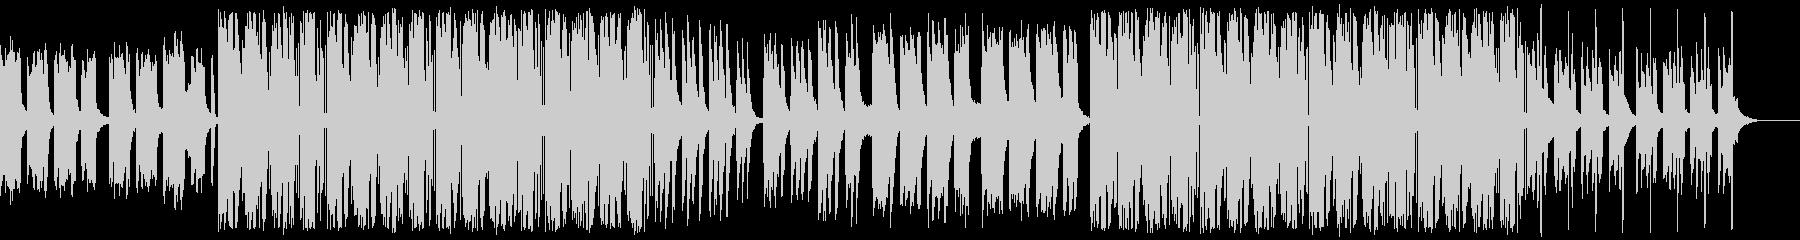 エレクトロポップ、フューチャー、EDM系の未再生の波形